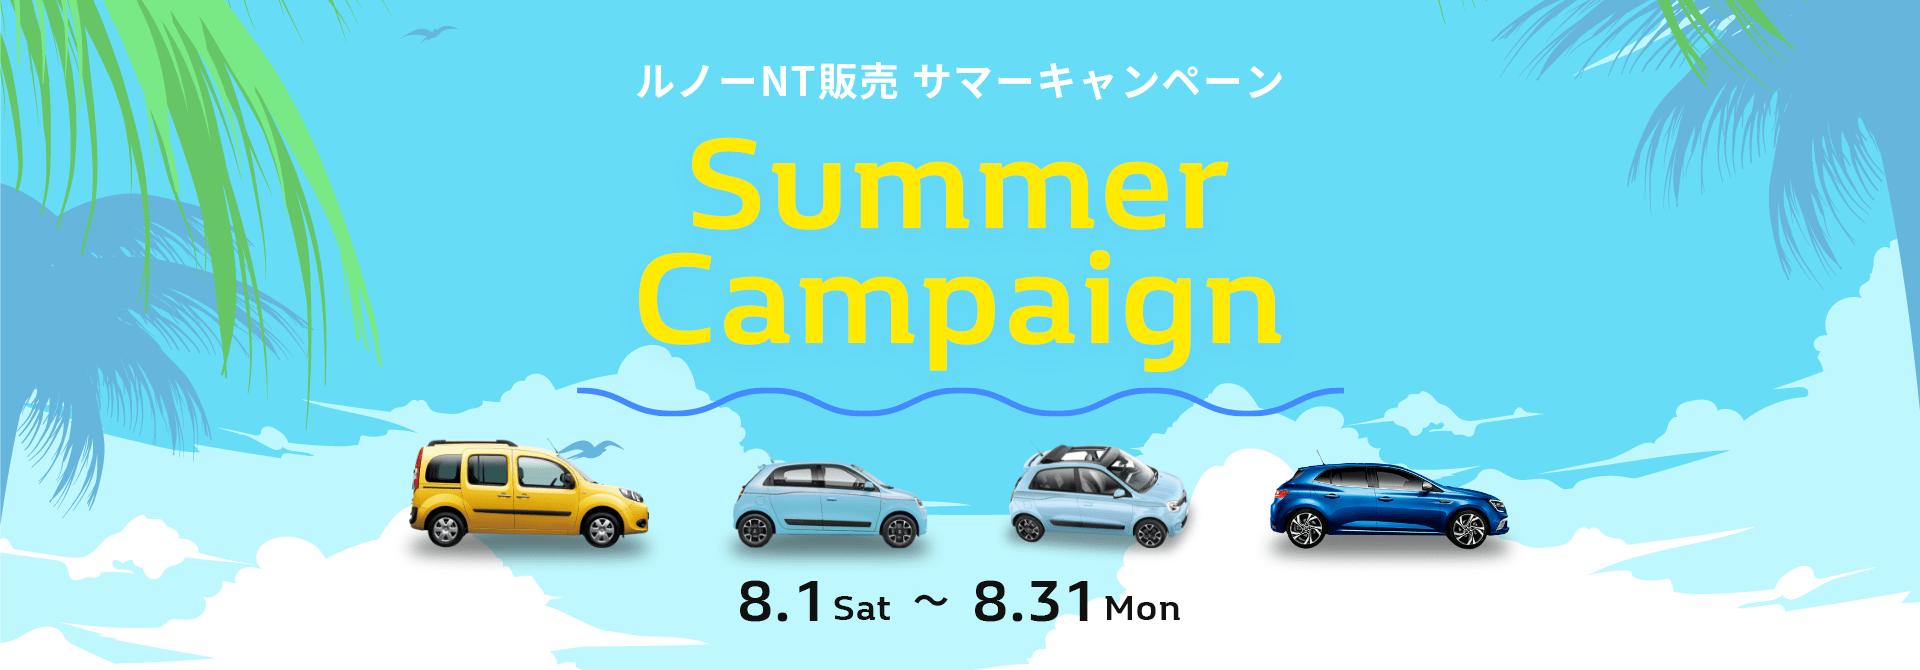 Autumn Drive Campaign ルノーNT販売オータムドライブキャンペーン! 11.1[THU] - 11/30[FRI]